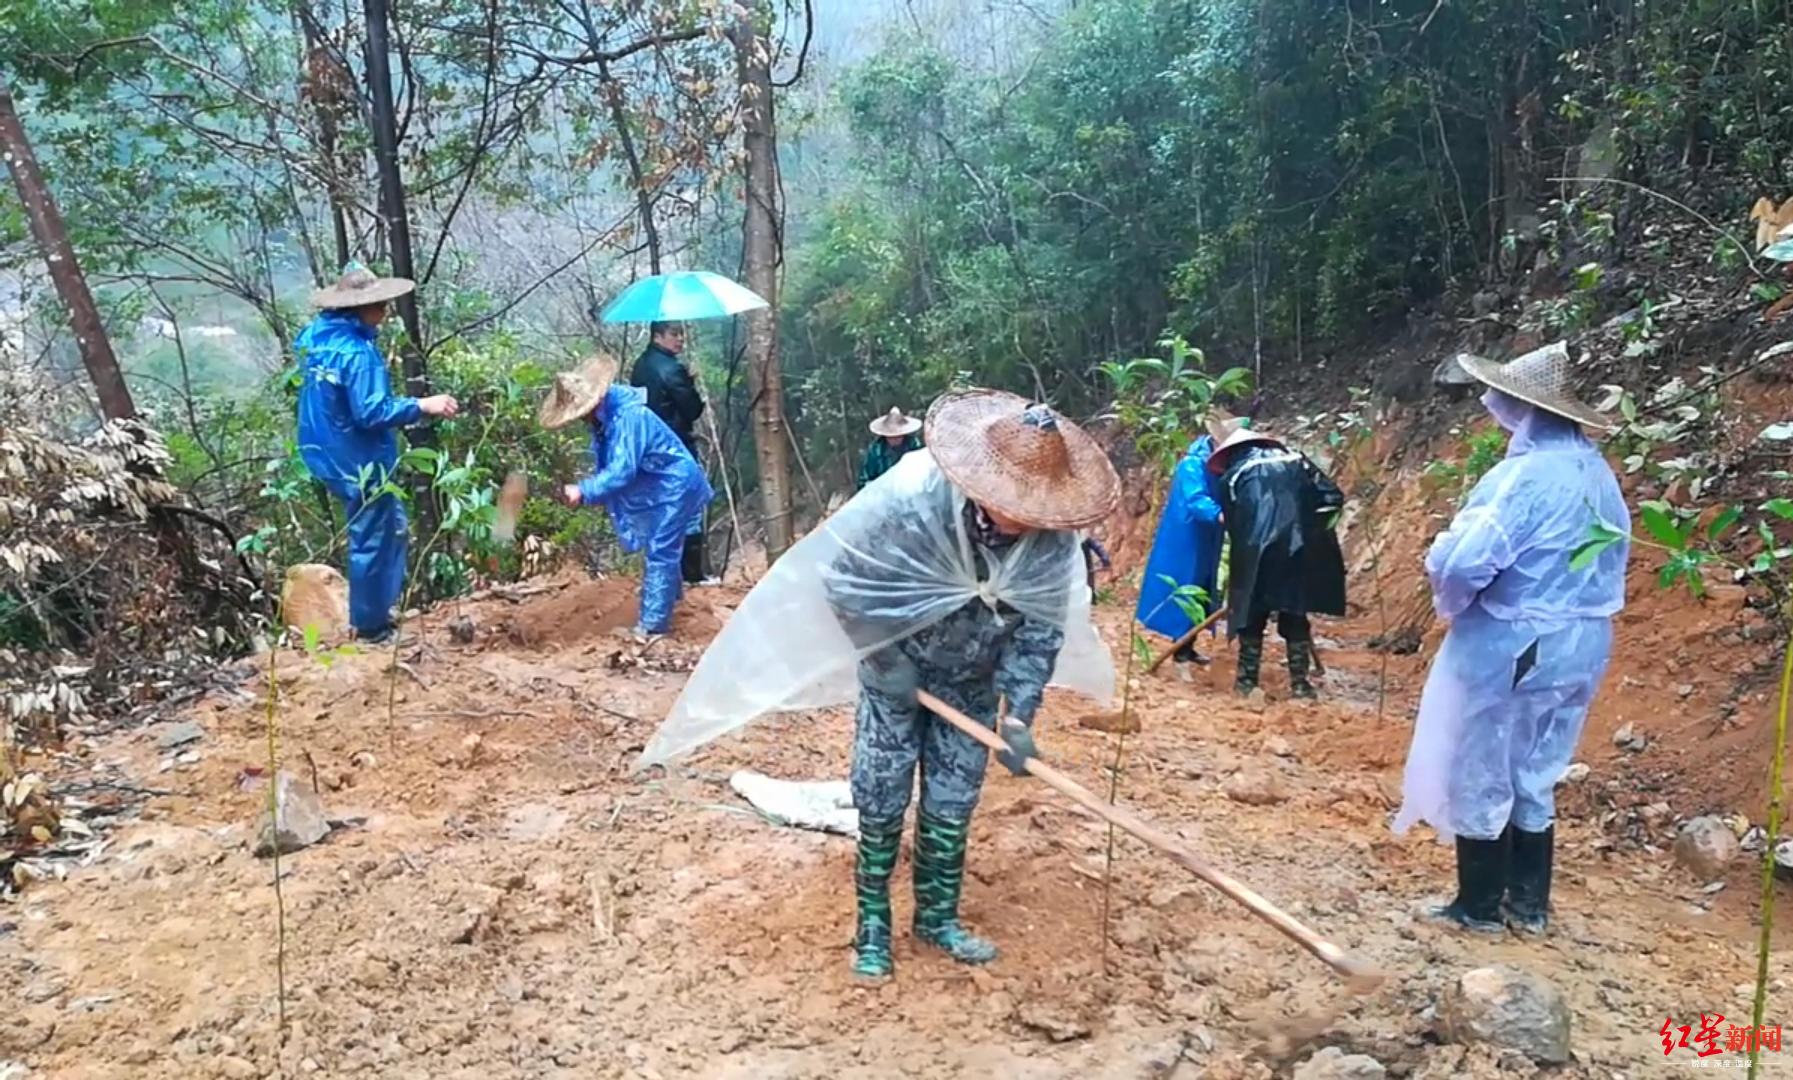 武夷山农夫山泉毁林处正在恢复植被,20多人冒雨植树